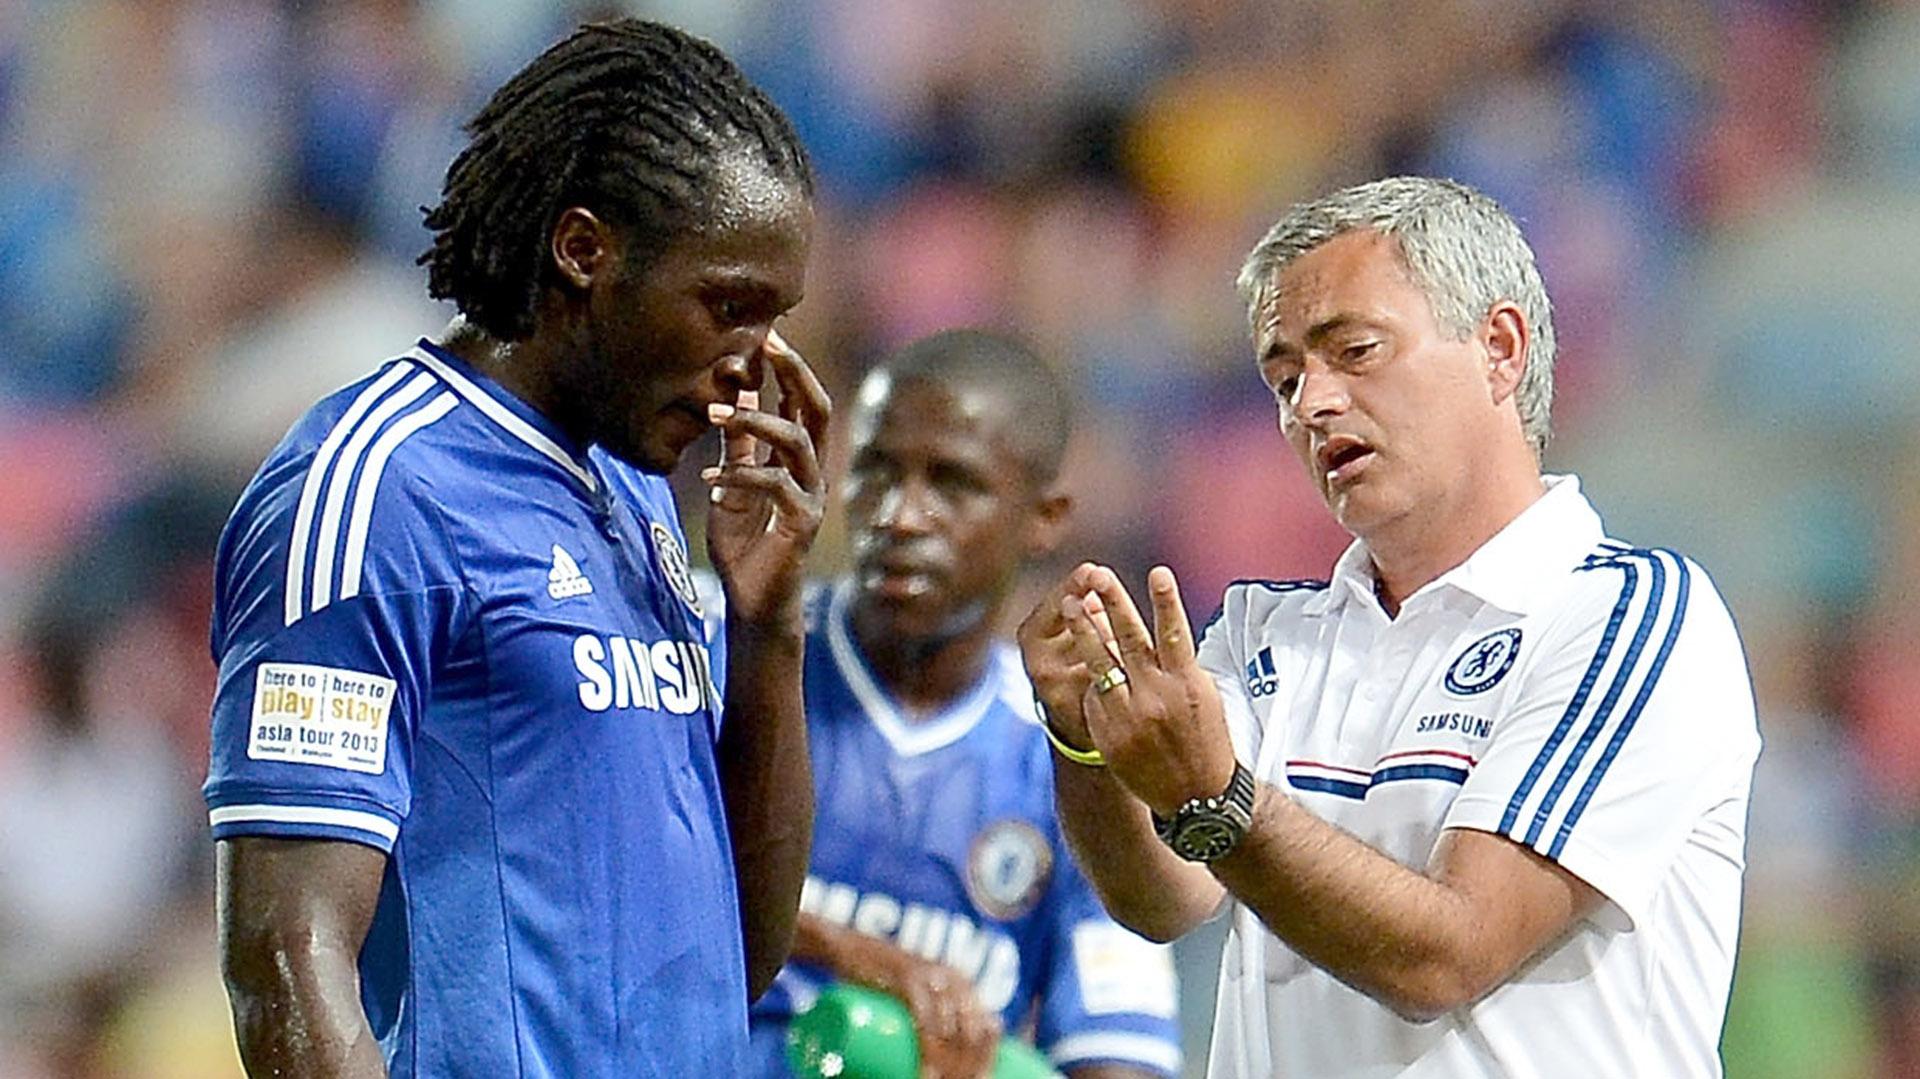 Mourinho dirigió a Lukaku en el Chelsea y en el Manchester United(Getty Images)